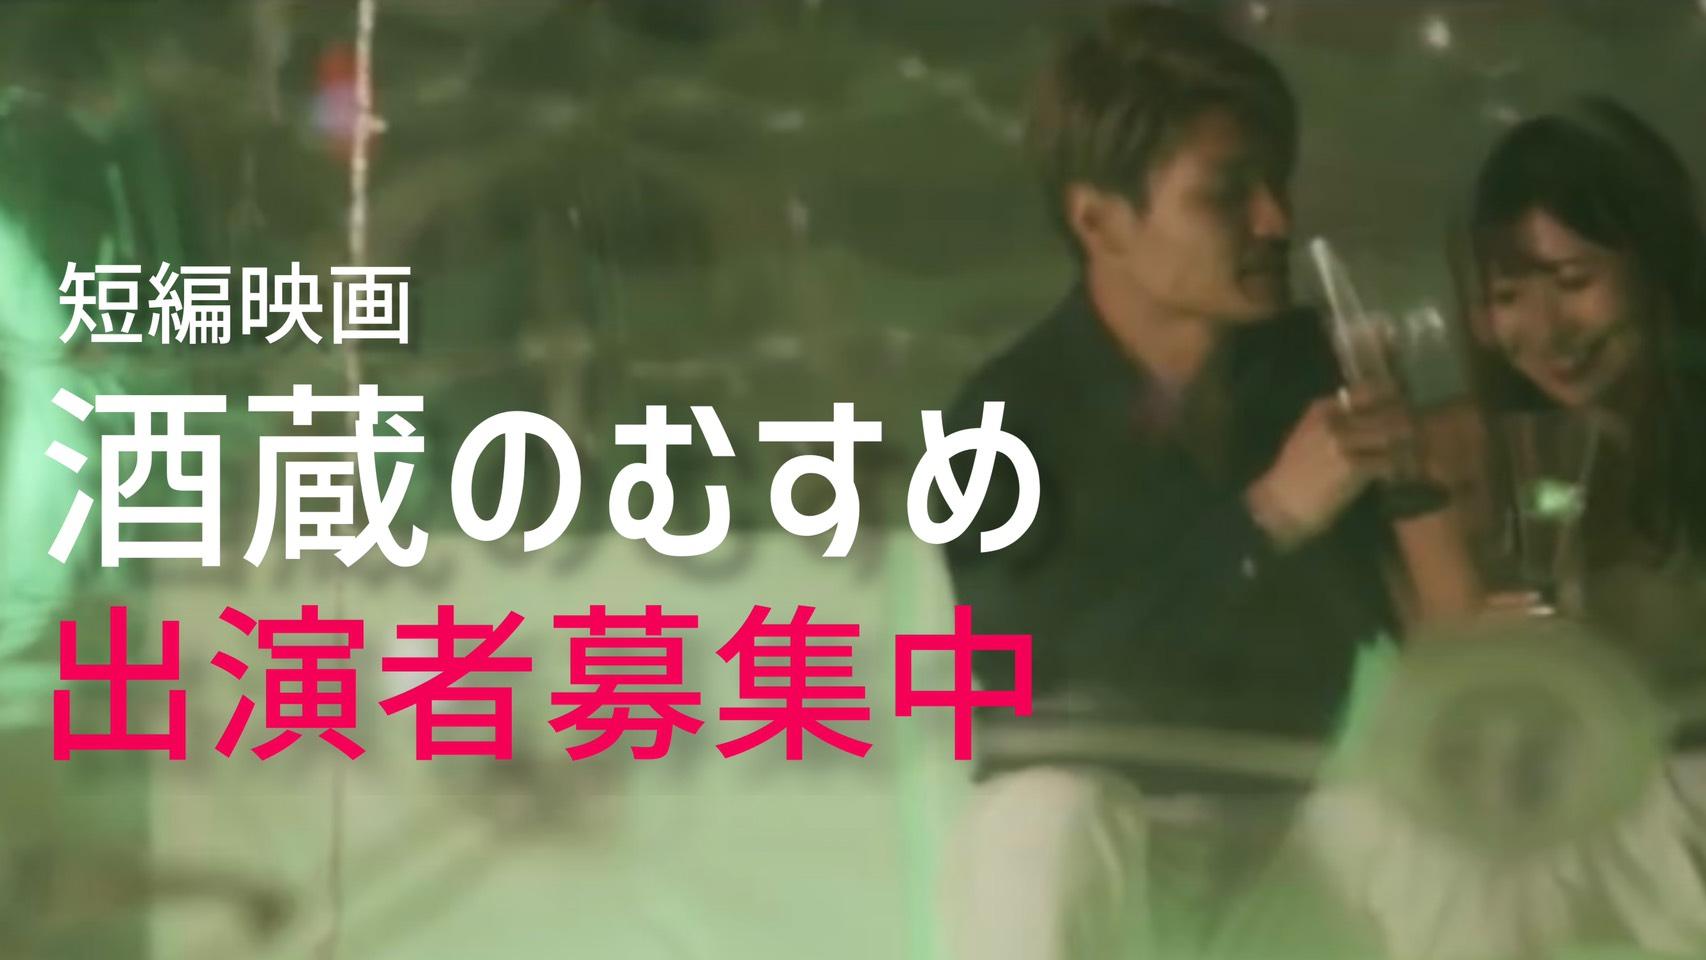 オーディション 短編映画「酒造のむすめ」出演者募集 TokyoSAKEFestival2021にて特別上映予定 主催:モバコン株式会社、カテゴリ:映画